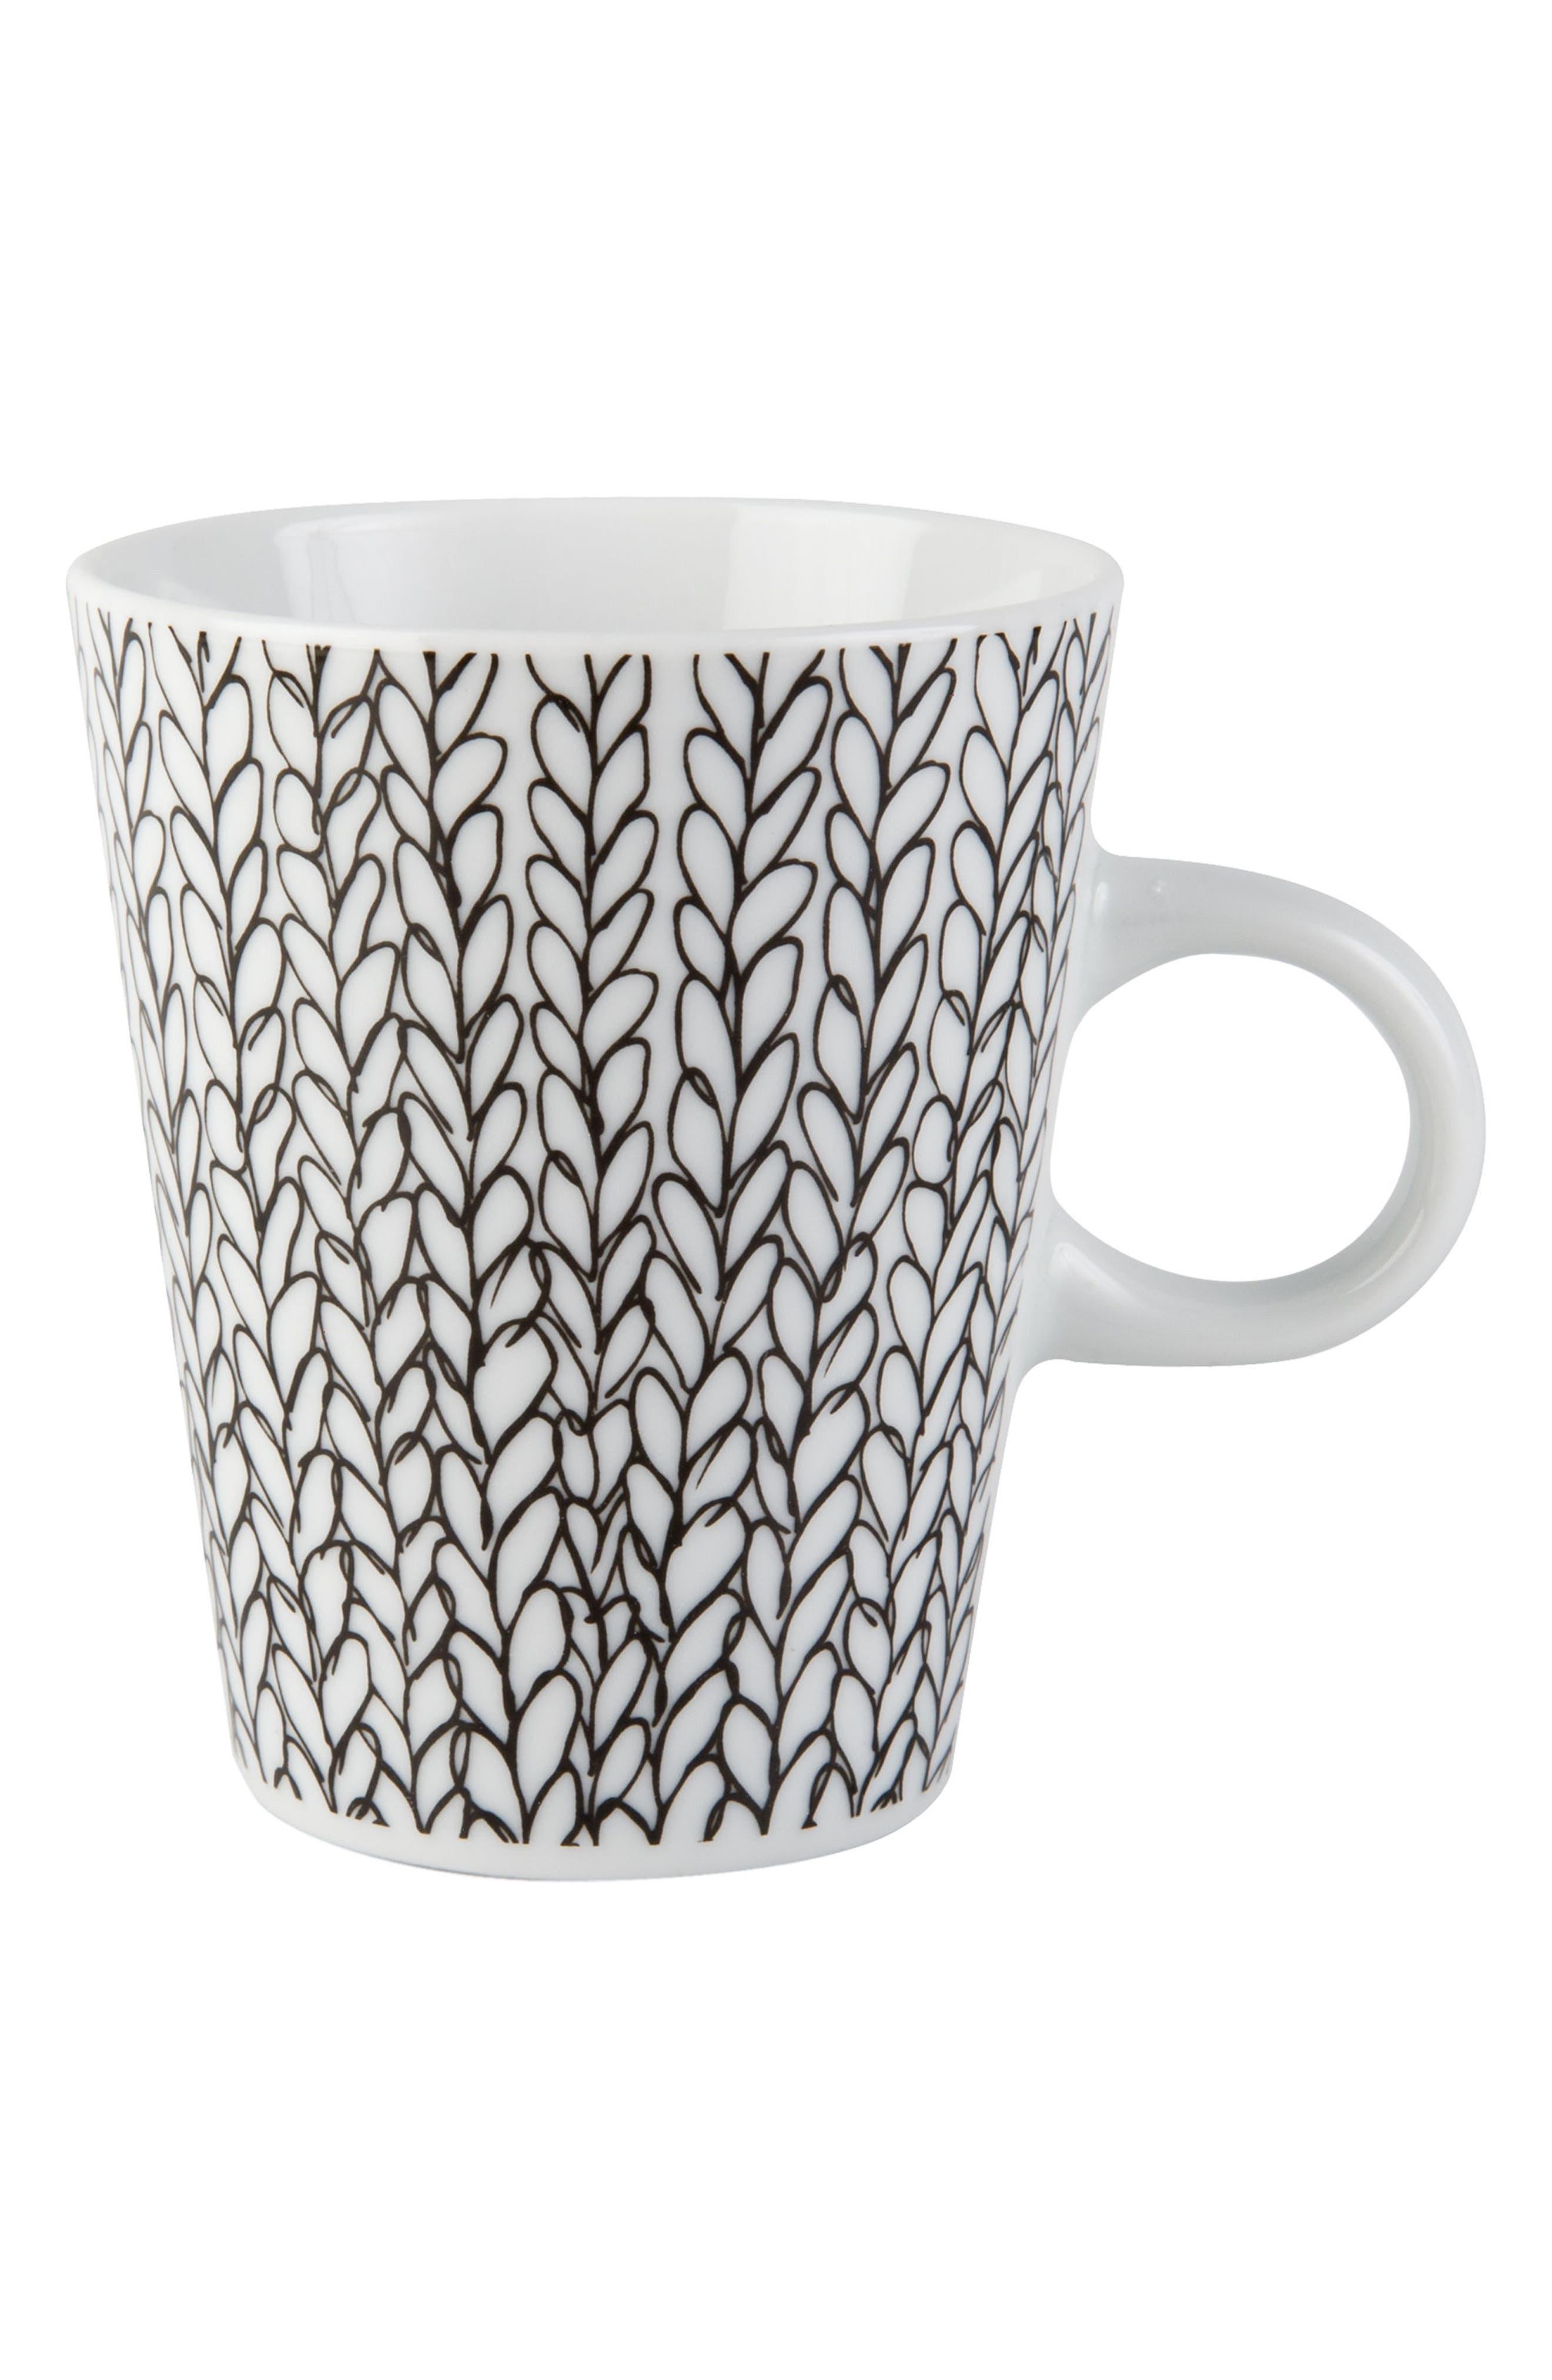 Patterned Porcelain Mug,                         Main,                         color, White